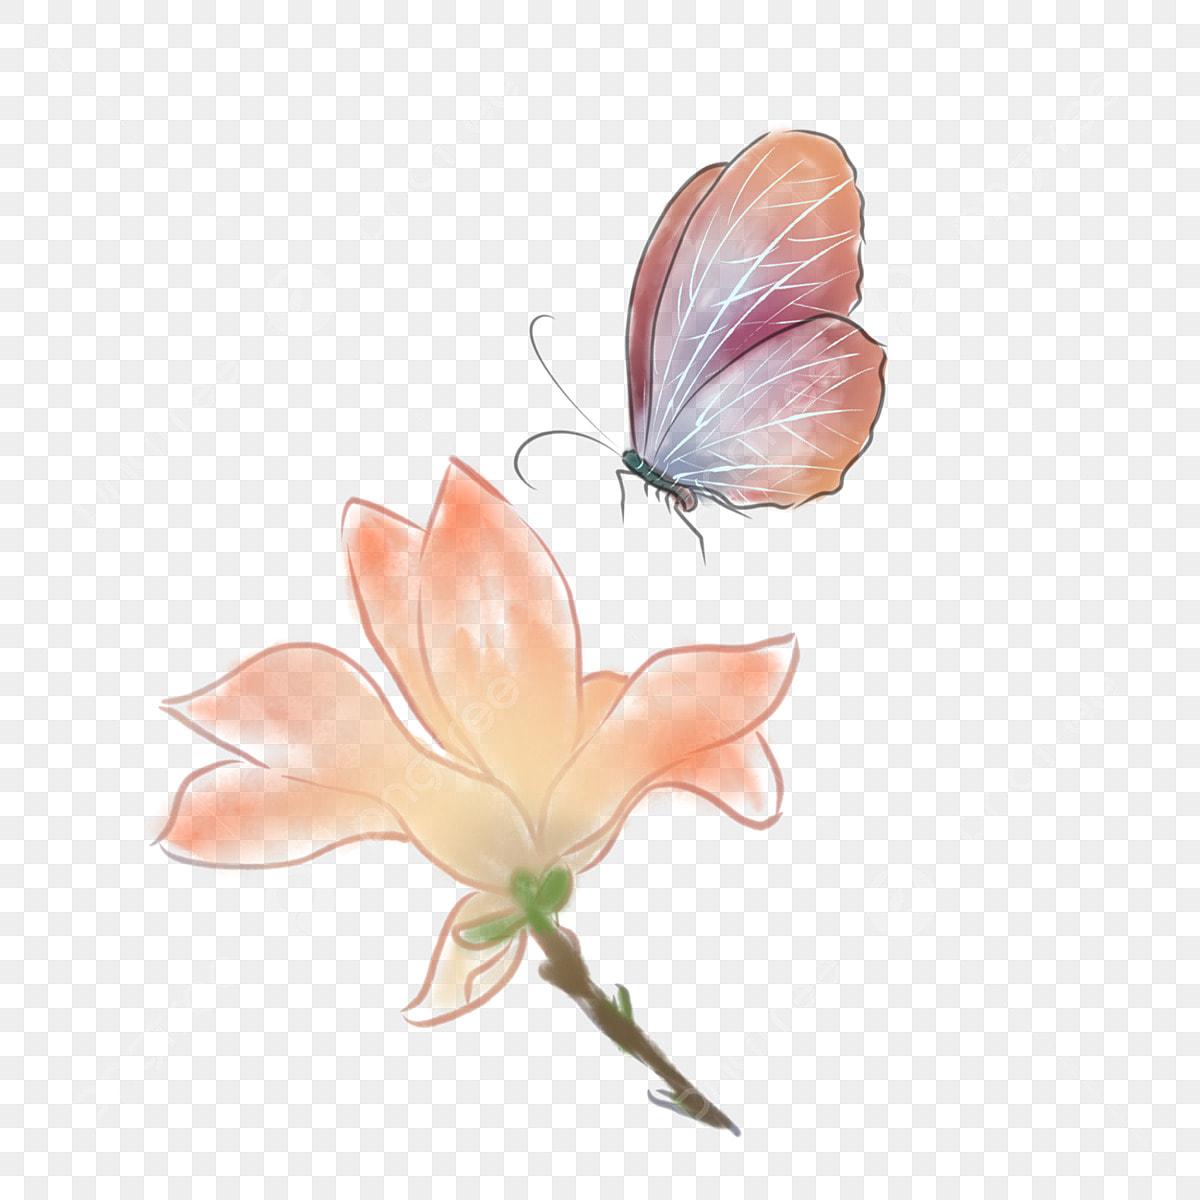 Gambar Elemen Reka Bentuk Hiasan Antik Rama Rama Bunga Cat Air Yang Dilukis Dengan Tangan Dilukis Dengan Tangan Cat Air Bunga Png Dan Psd Untuk Muat Turun Percuma